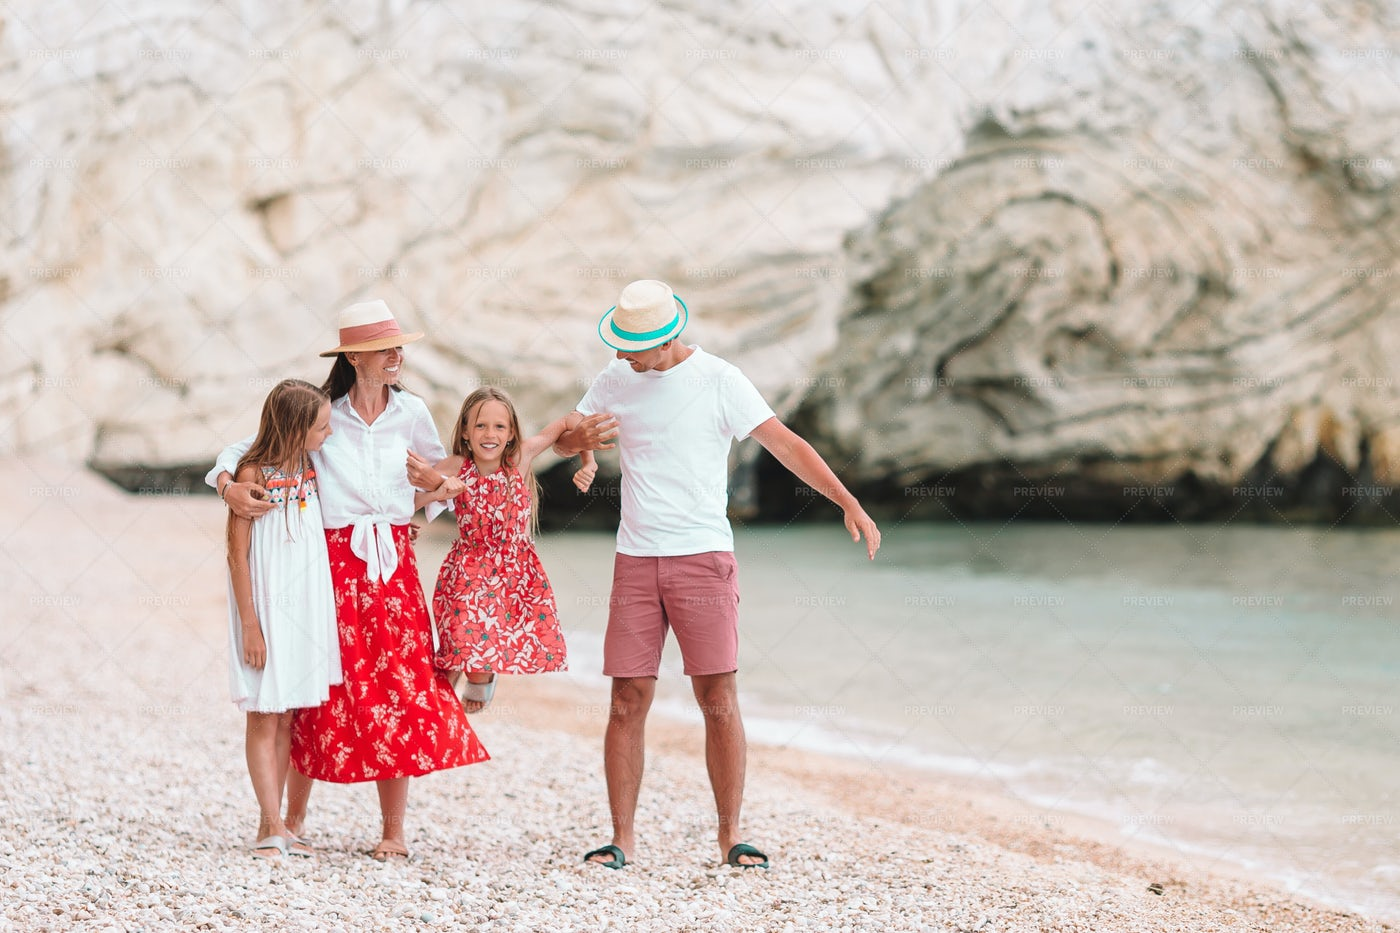 Happy Family Enjoying Vacations: Stock Photos